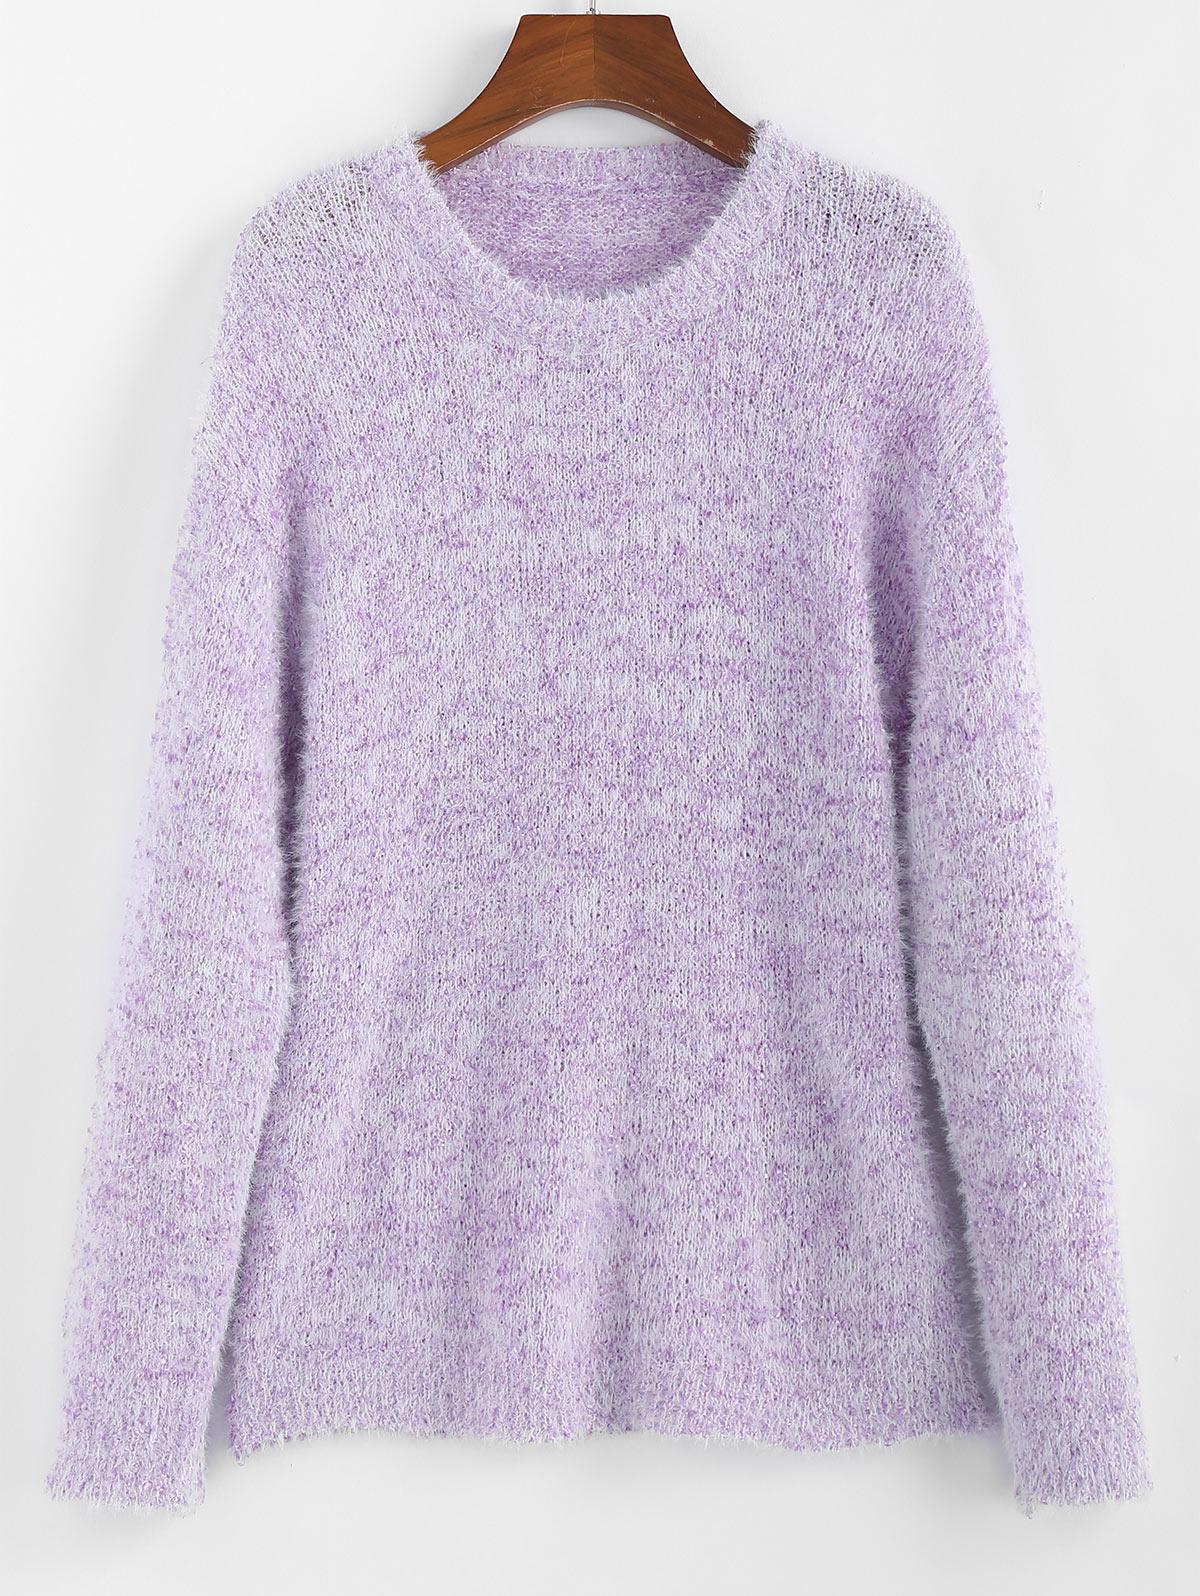 ZAFUL Drop Shoulder Fuzzy Jumper Sweater